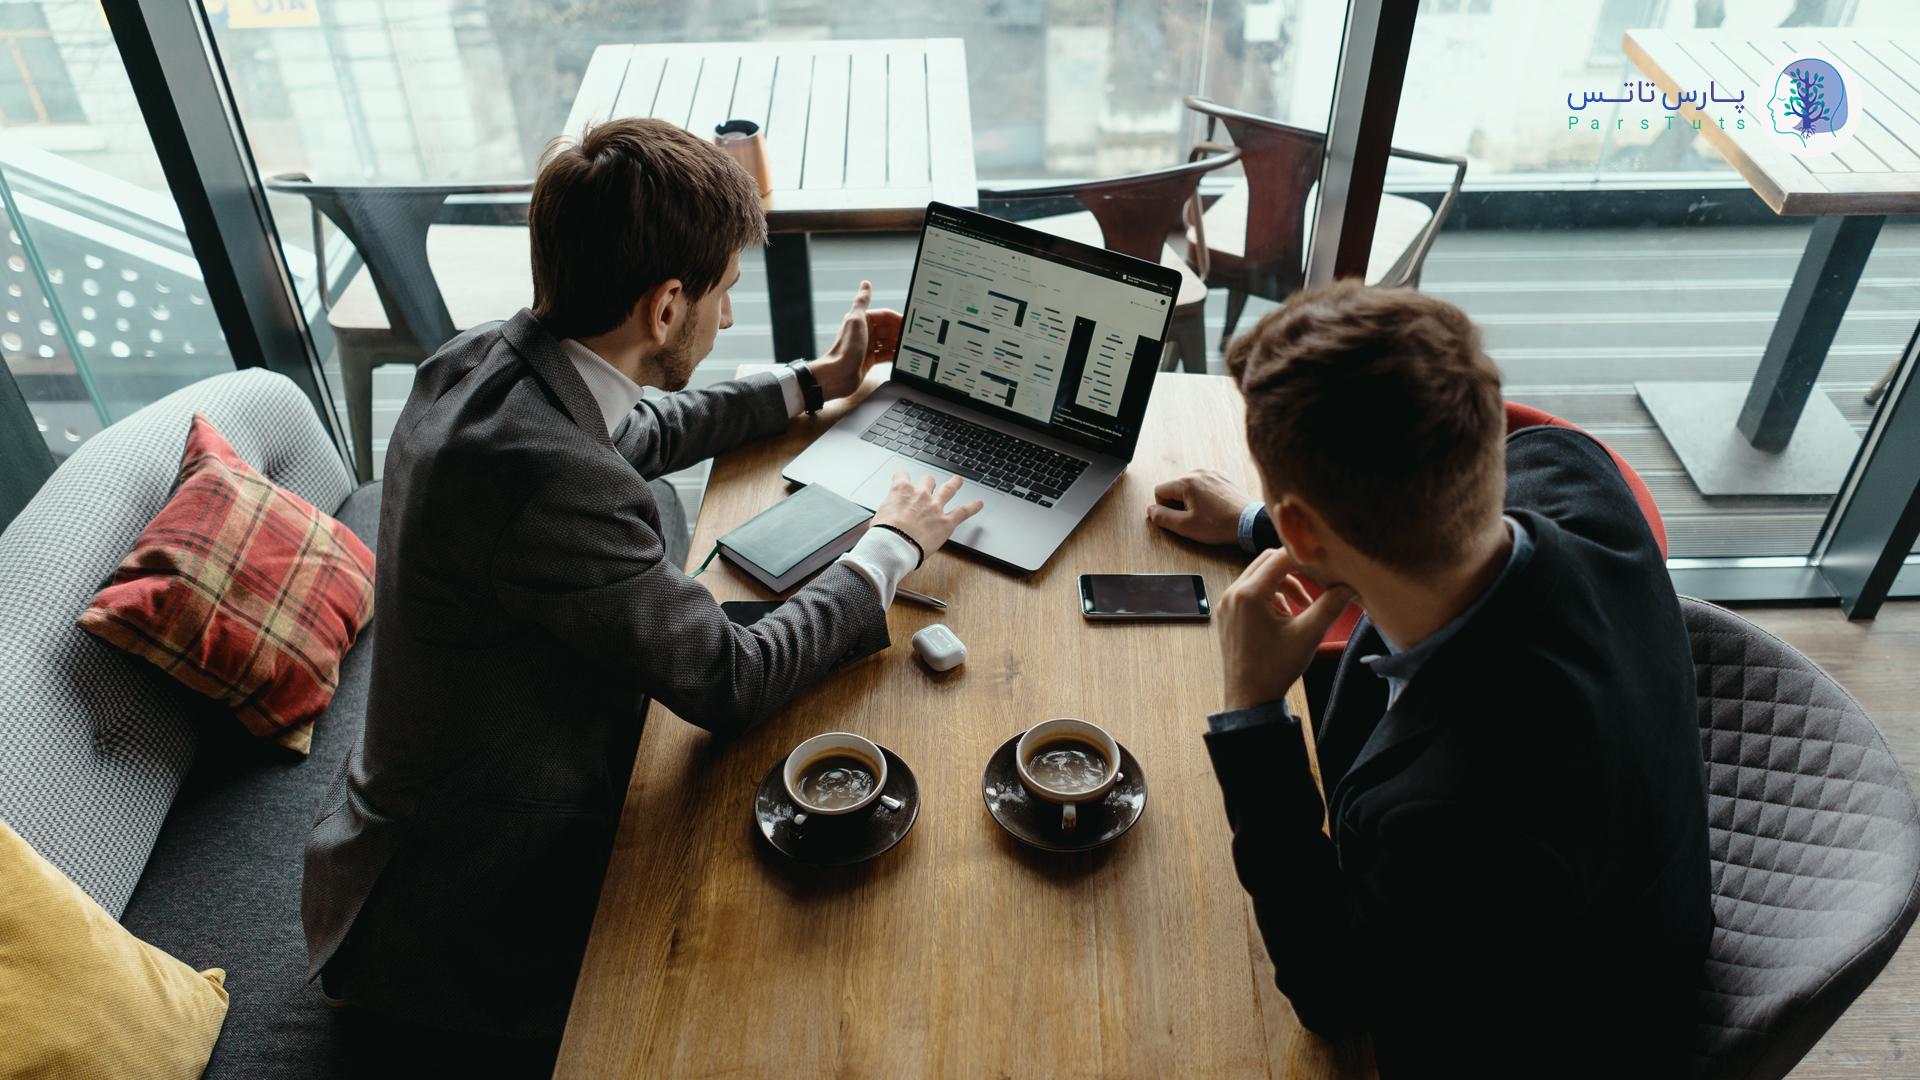 منظور از کسب و کارهای کوچک چیست؟ / موفقیت در کسب و کارهای کوچک